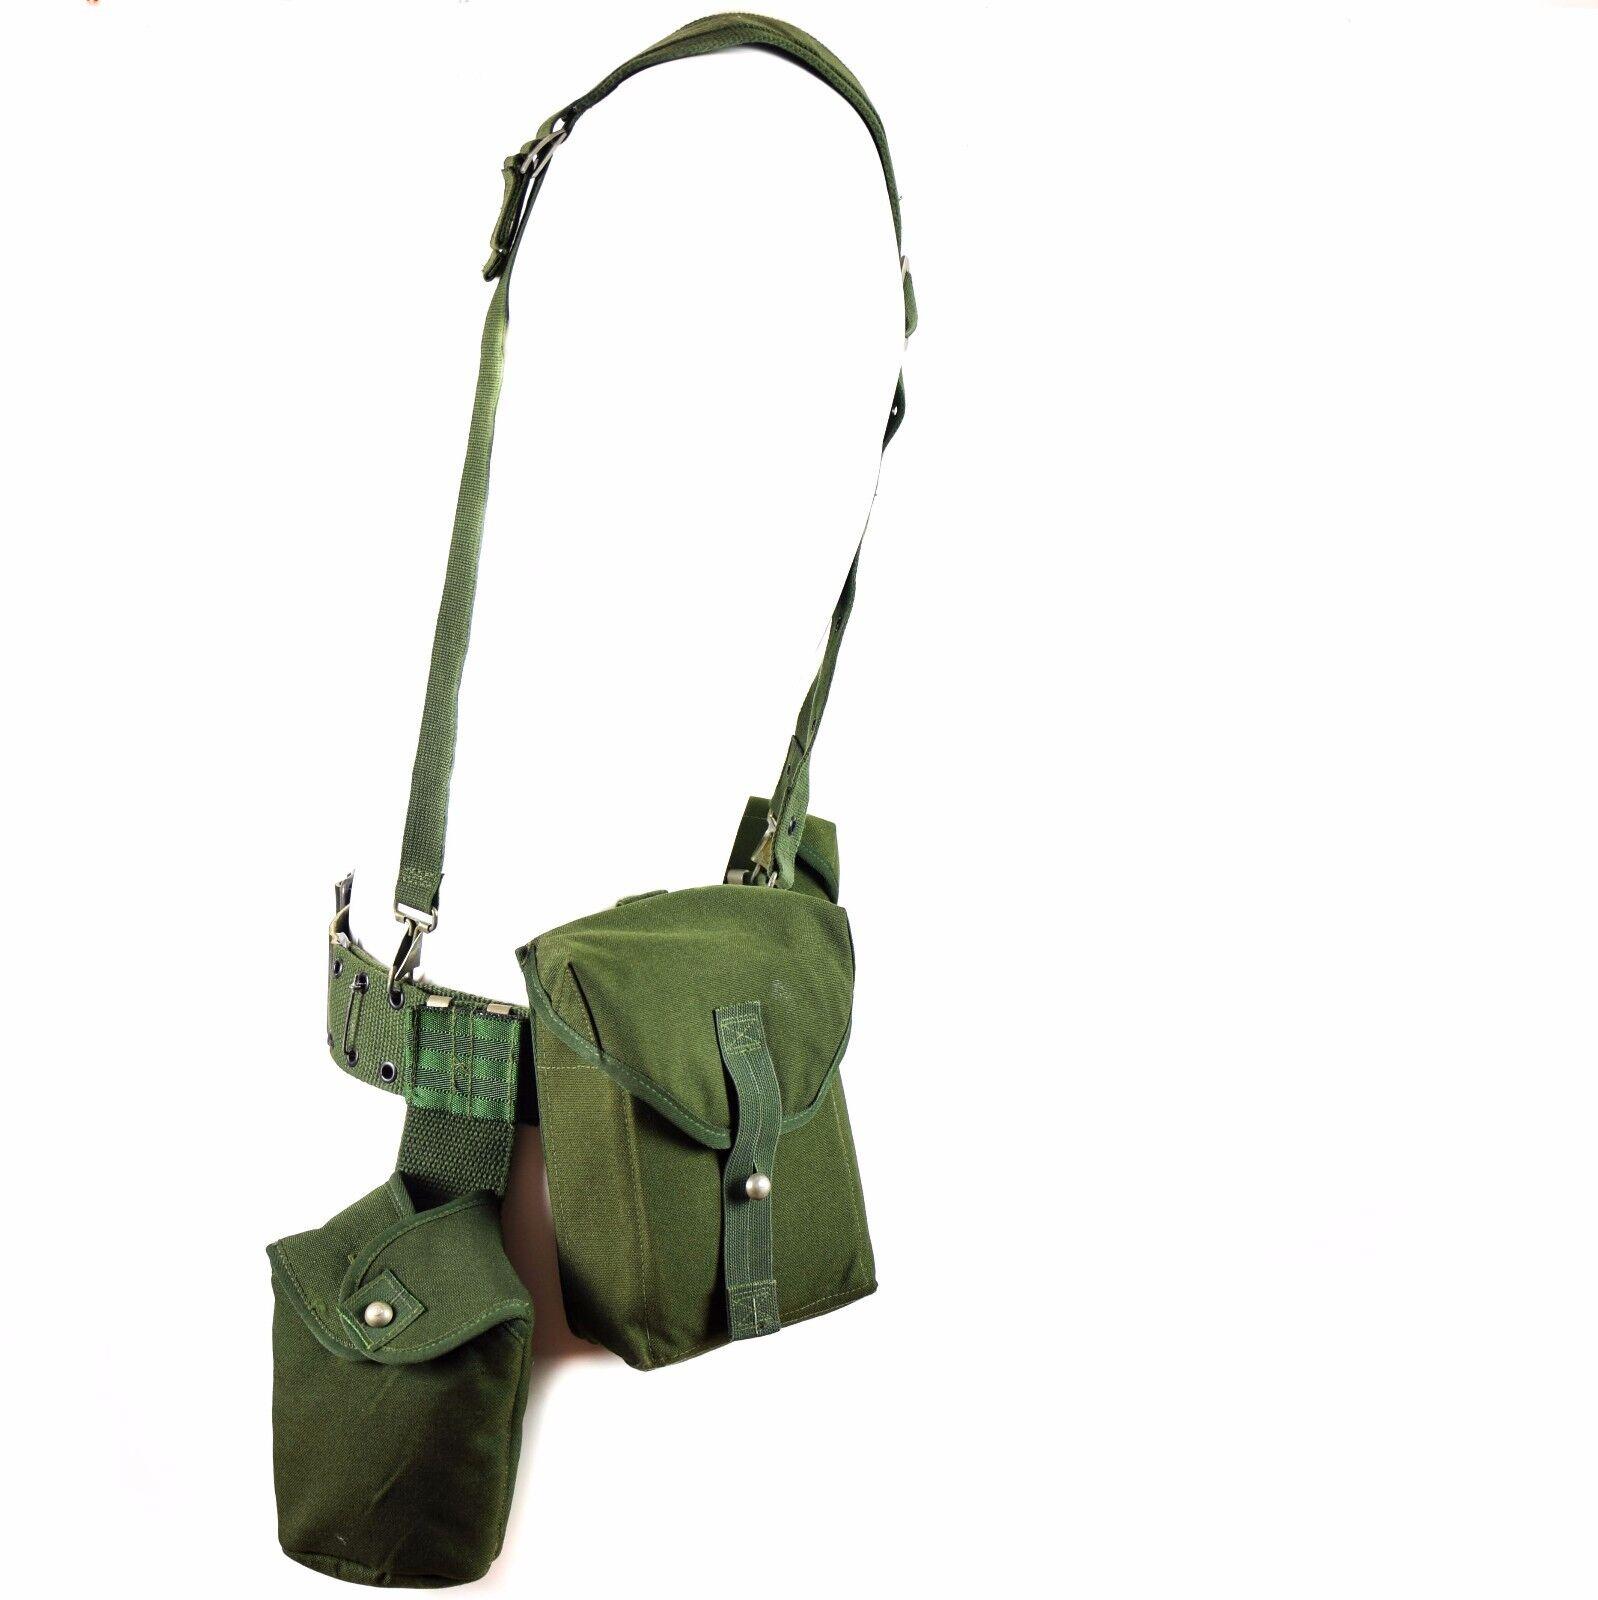 Original Swedish army Webbing rig system 304 tactical belt Y